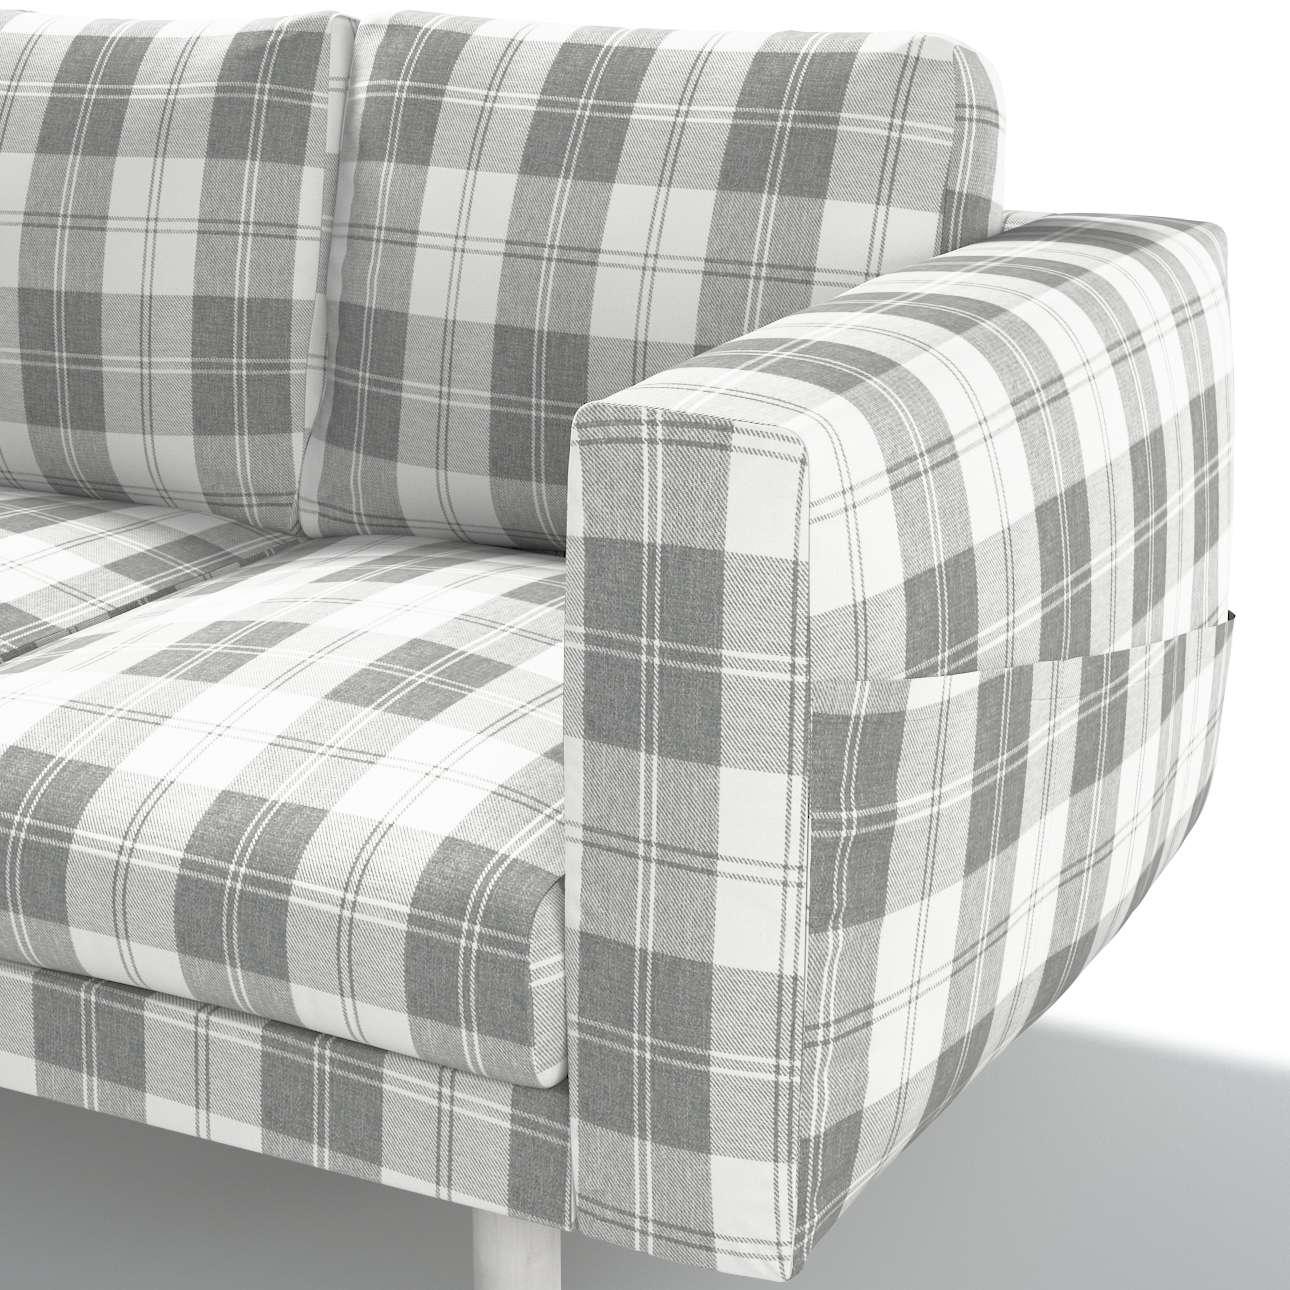 Pokrowiec na sofę Norsborg 3-osobową w kolekcji Edinburgh, tkanina: 115-79